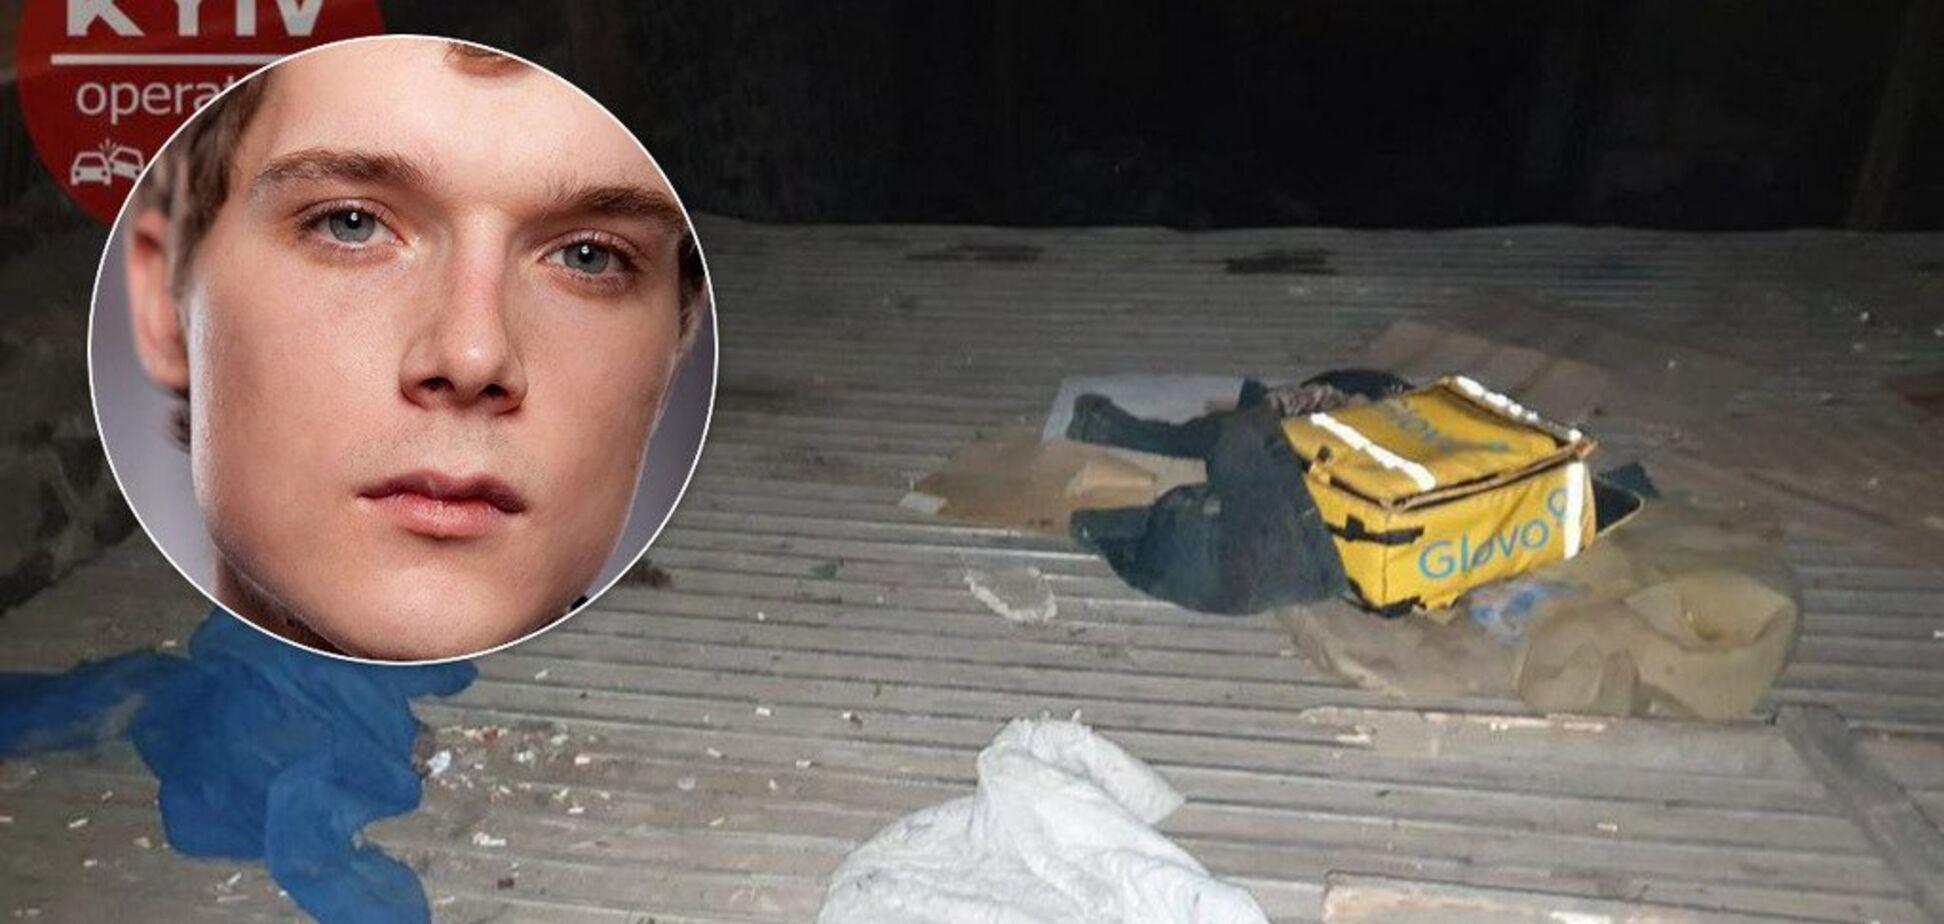 Нашли босым и в синяках: появились страшные детали смерти курьера Glovo в Киеве